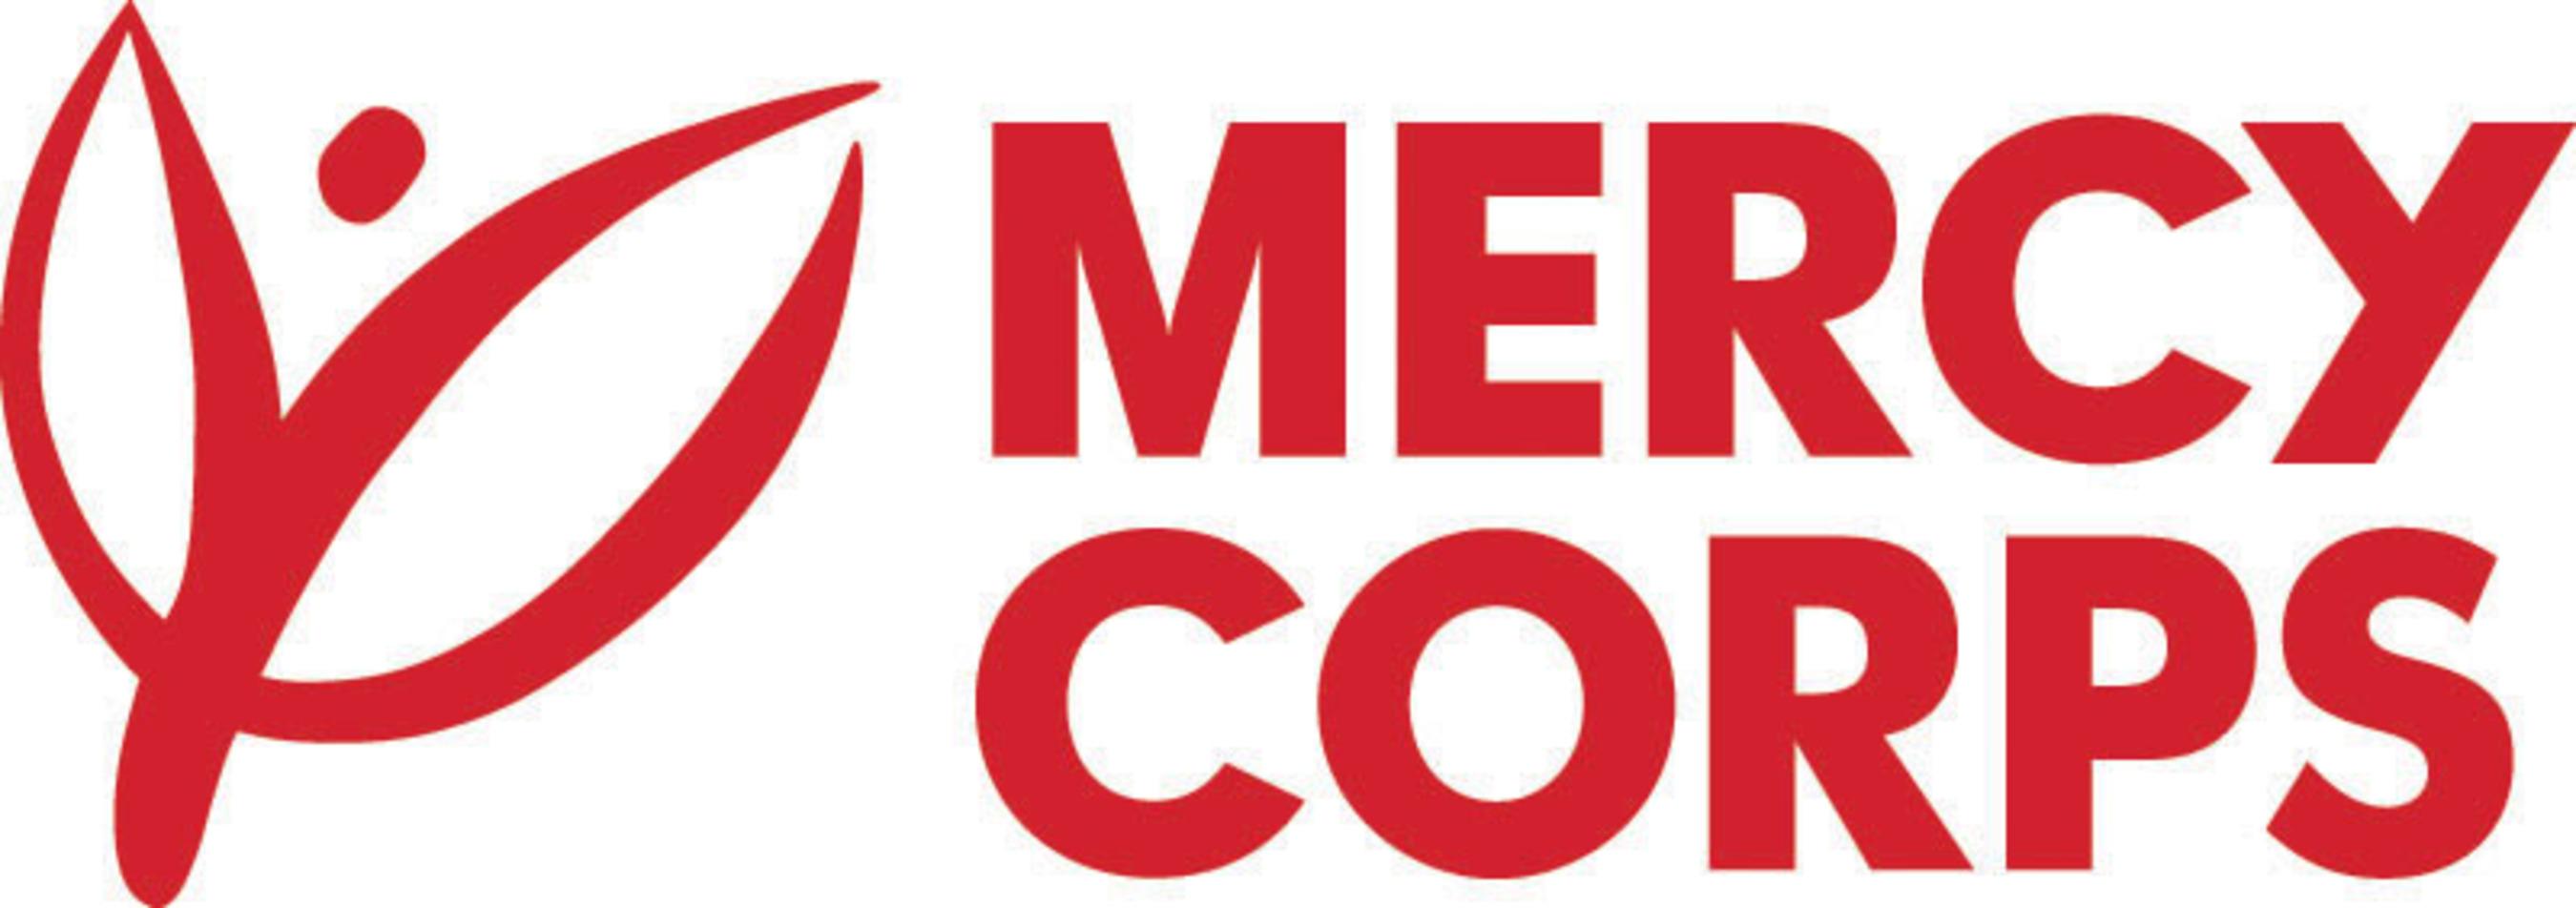 Mercy Corps logo.